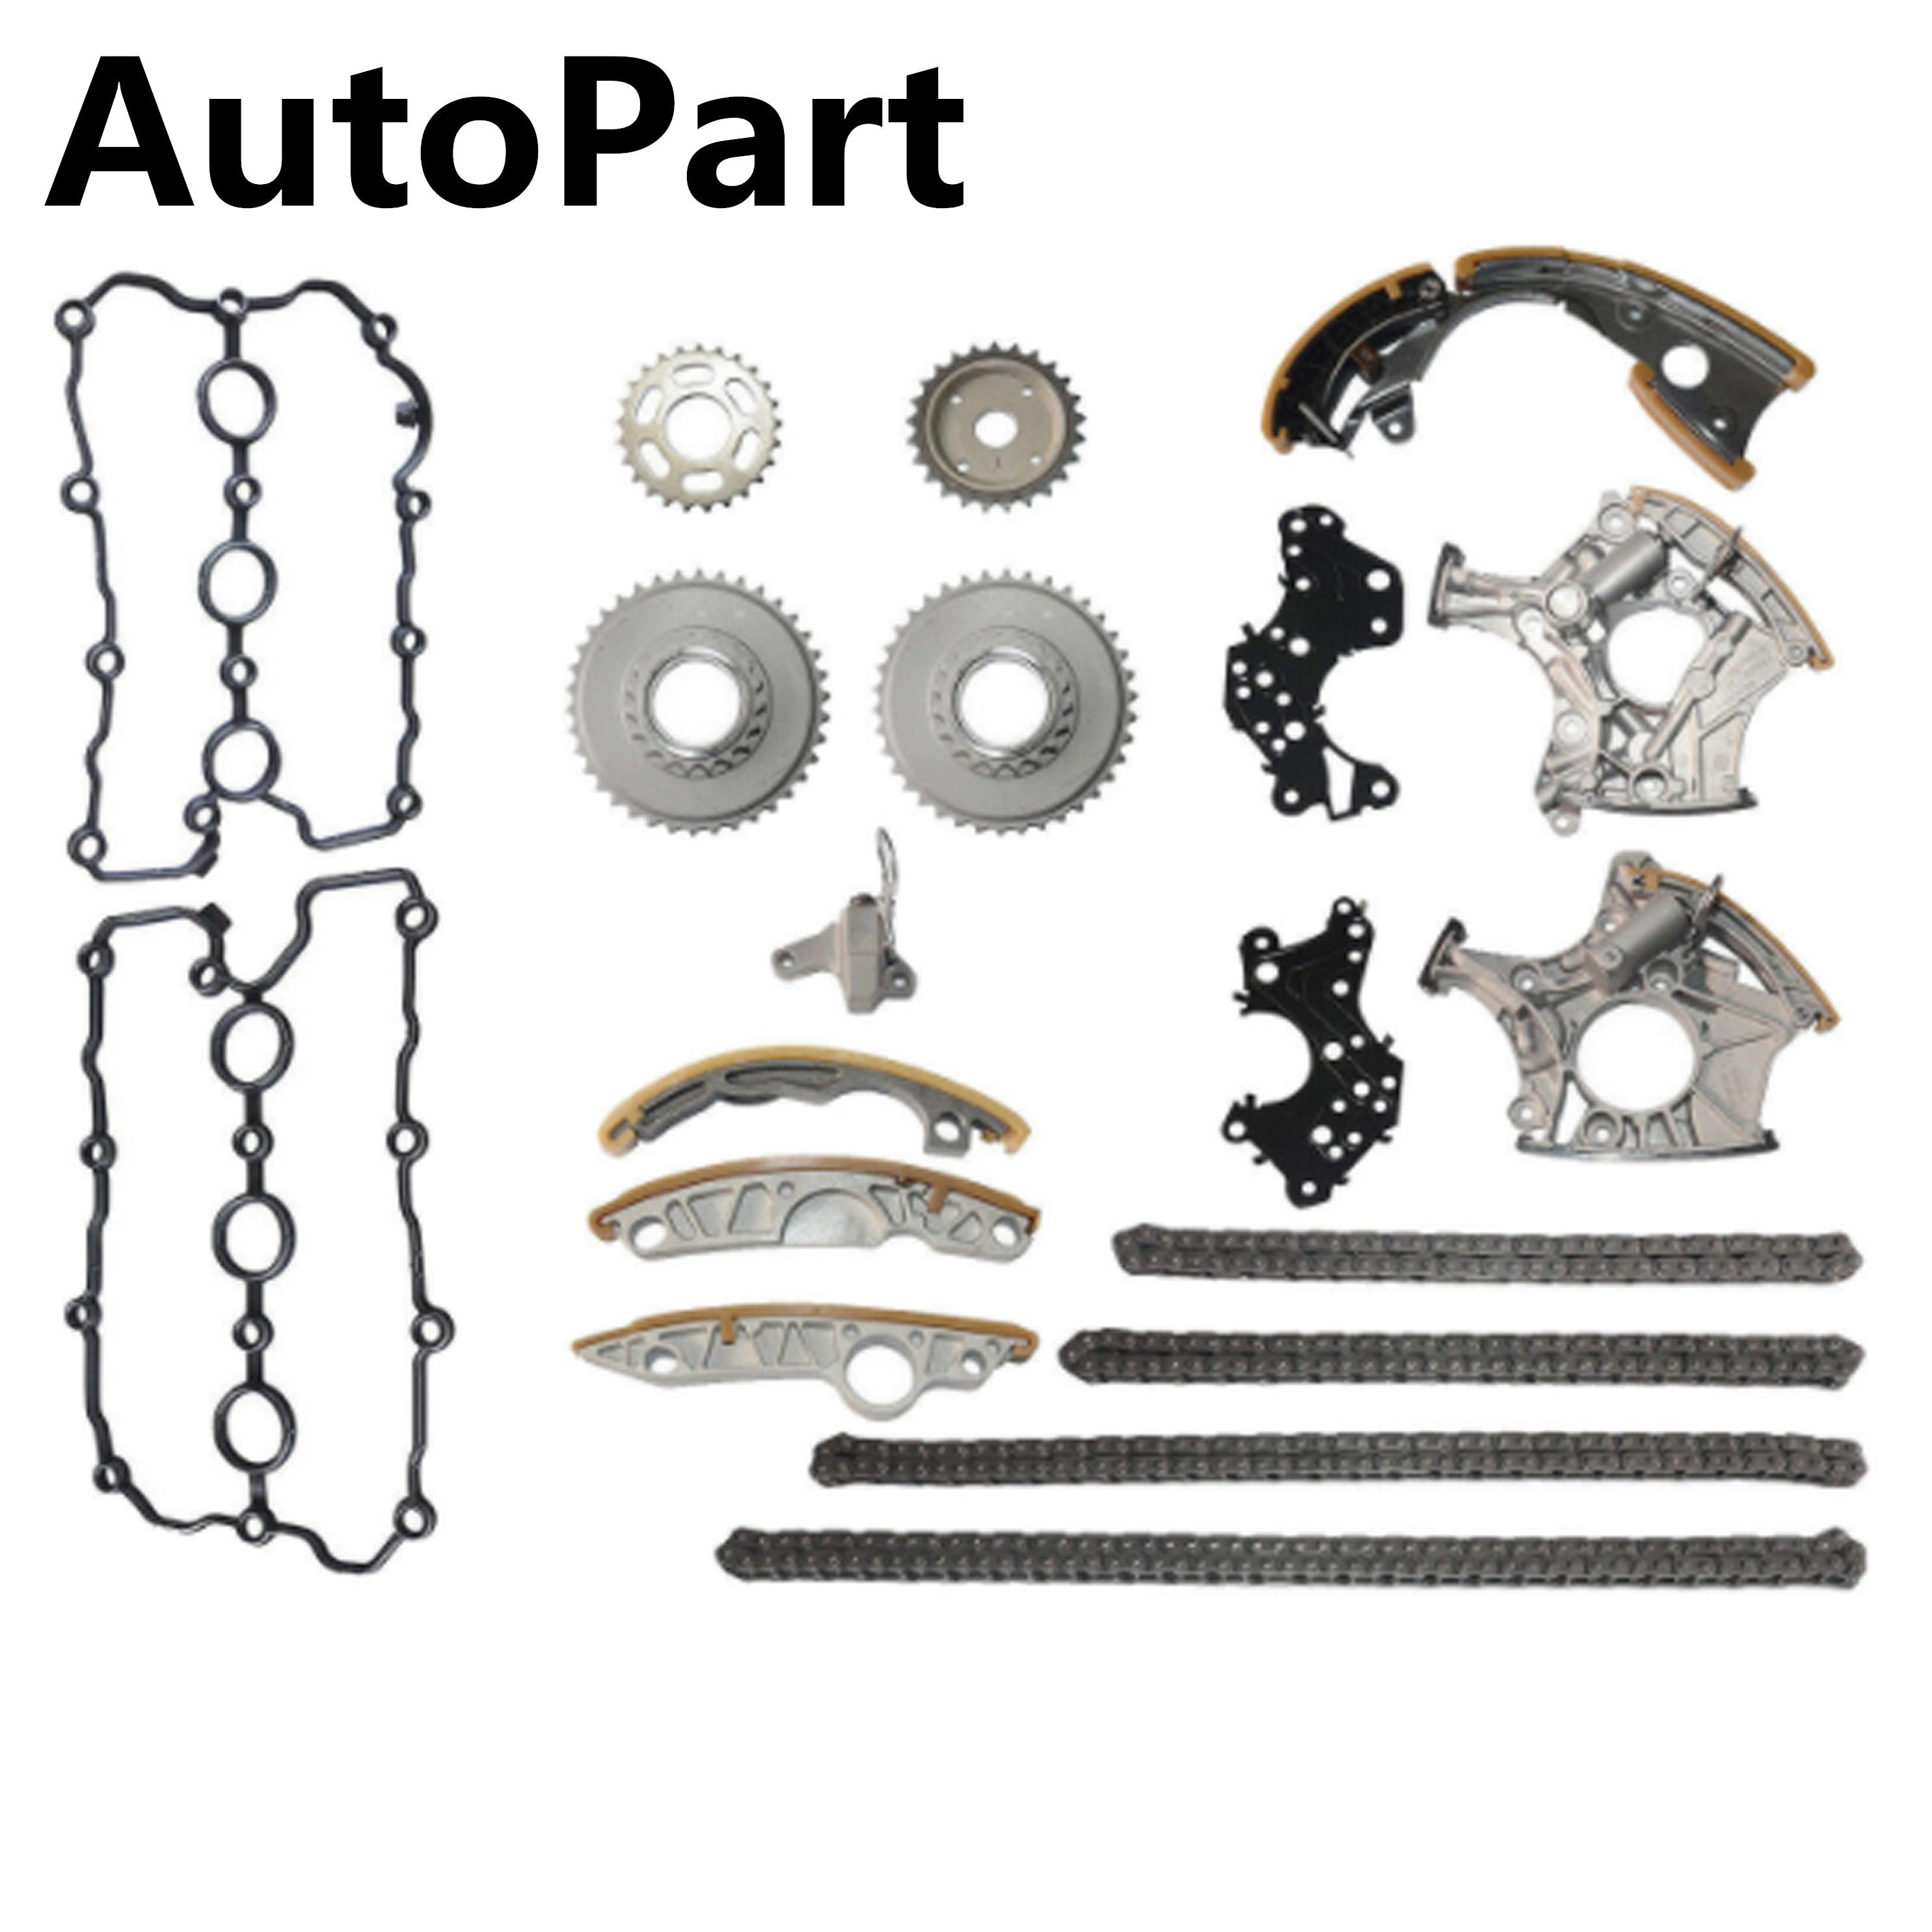 06E 109 507 D 06E 109 465 19PCS Timing Chain Kit With Chain Ternsioners For Audi A4 Quattro A6 Quattro 2.4L V6 3.2l 06E109217H